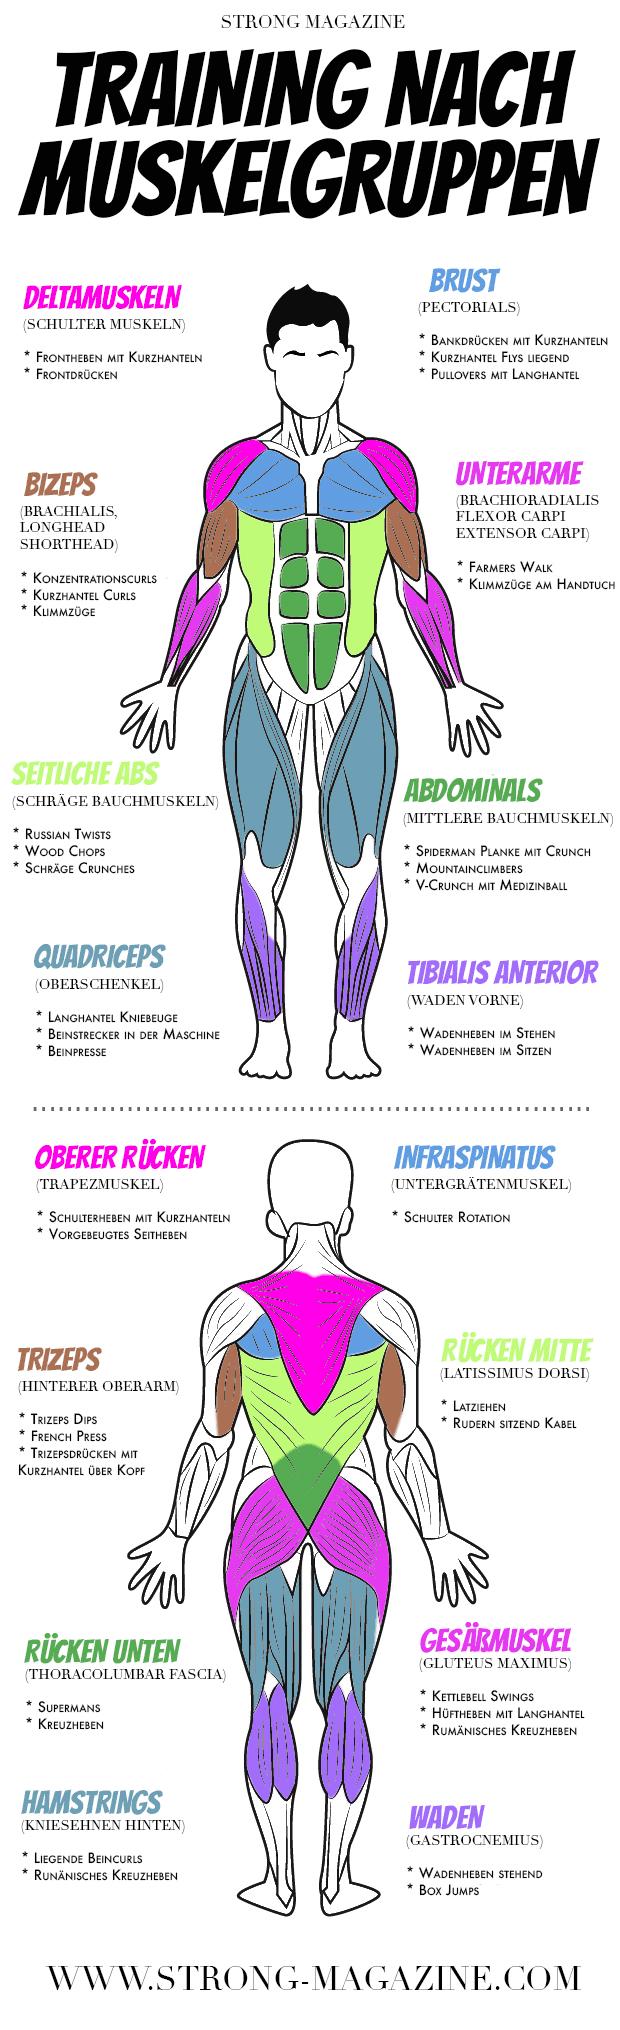 Großzügig Schulter Anatomie Muskeln Diagramm Fotos - Menschliche ...